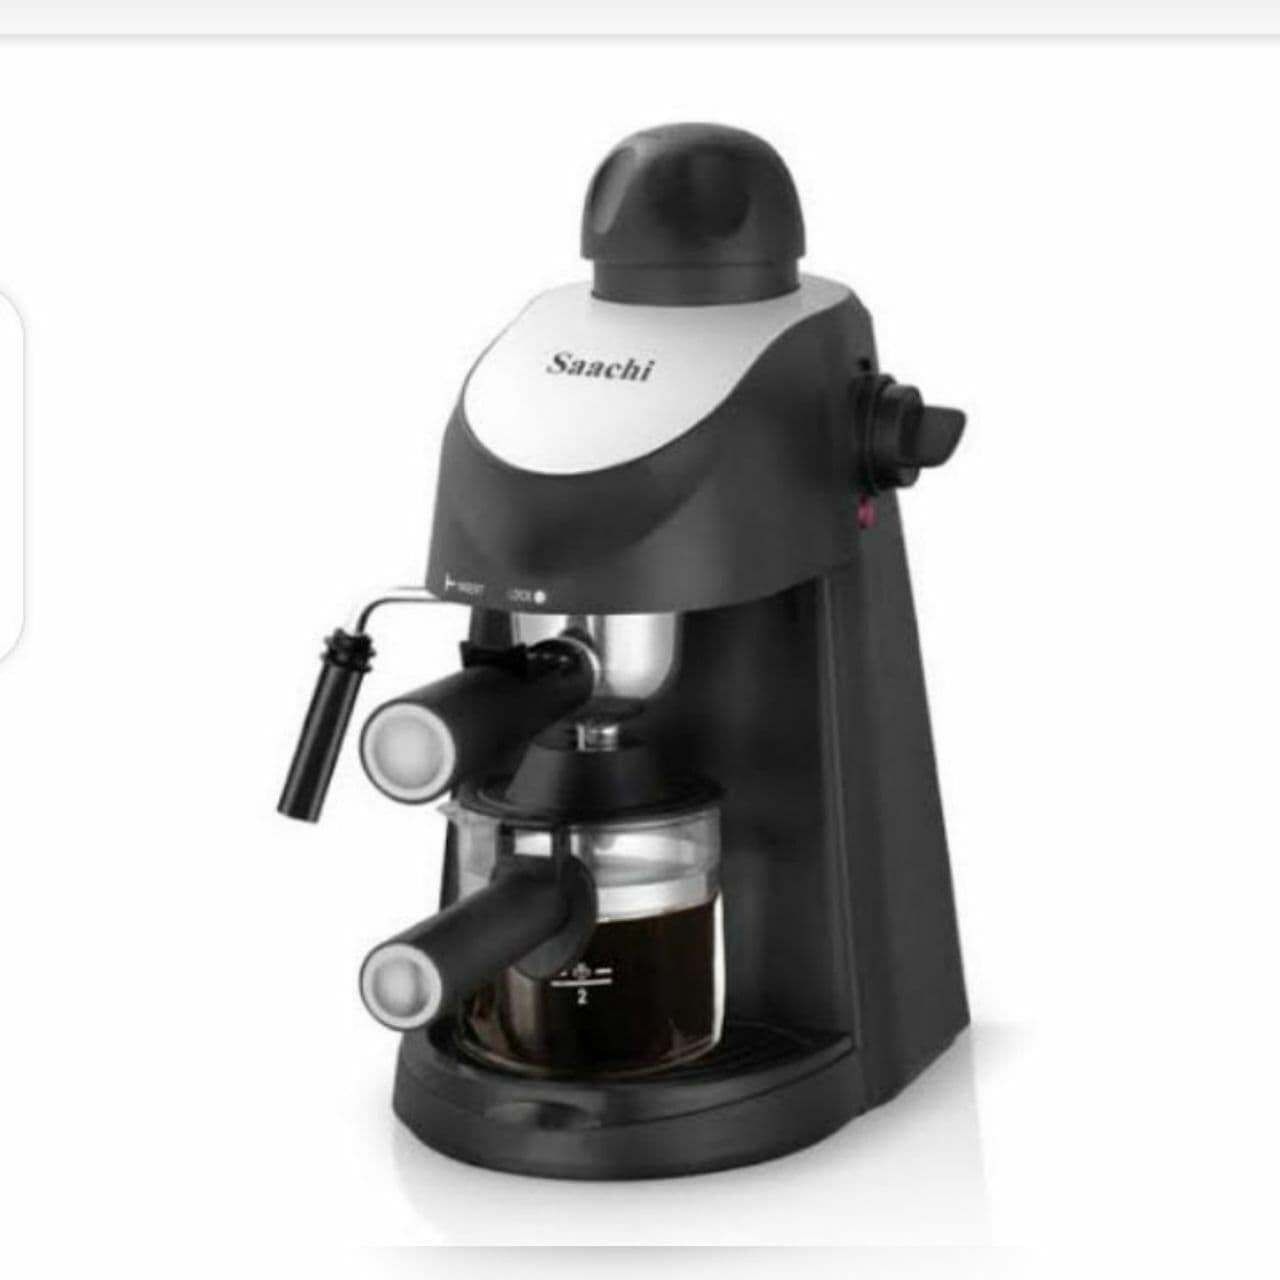 የቡና መጭመቂያ ማሽን Saachi Coffee Press